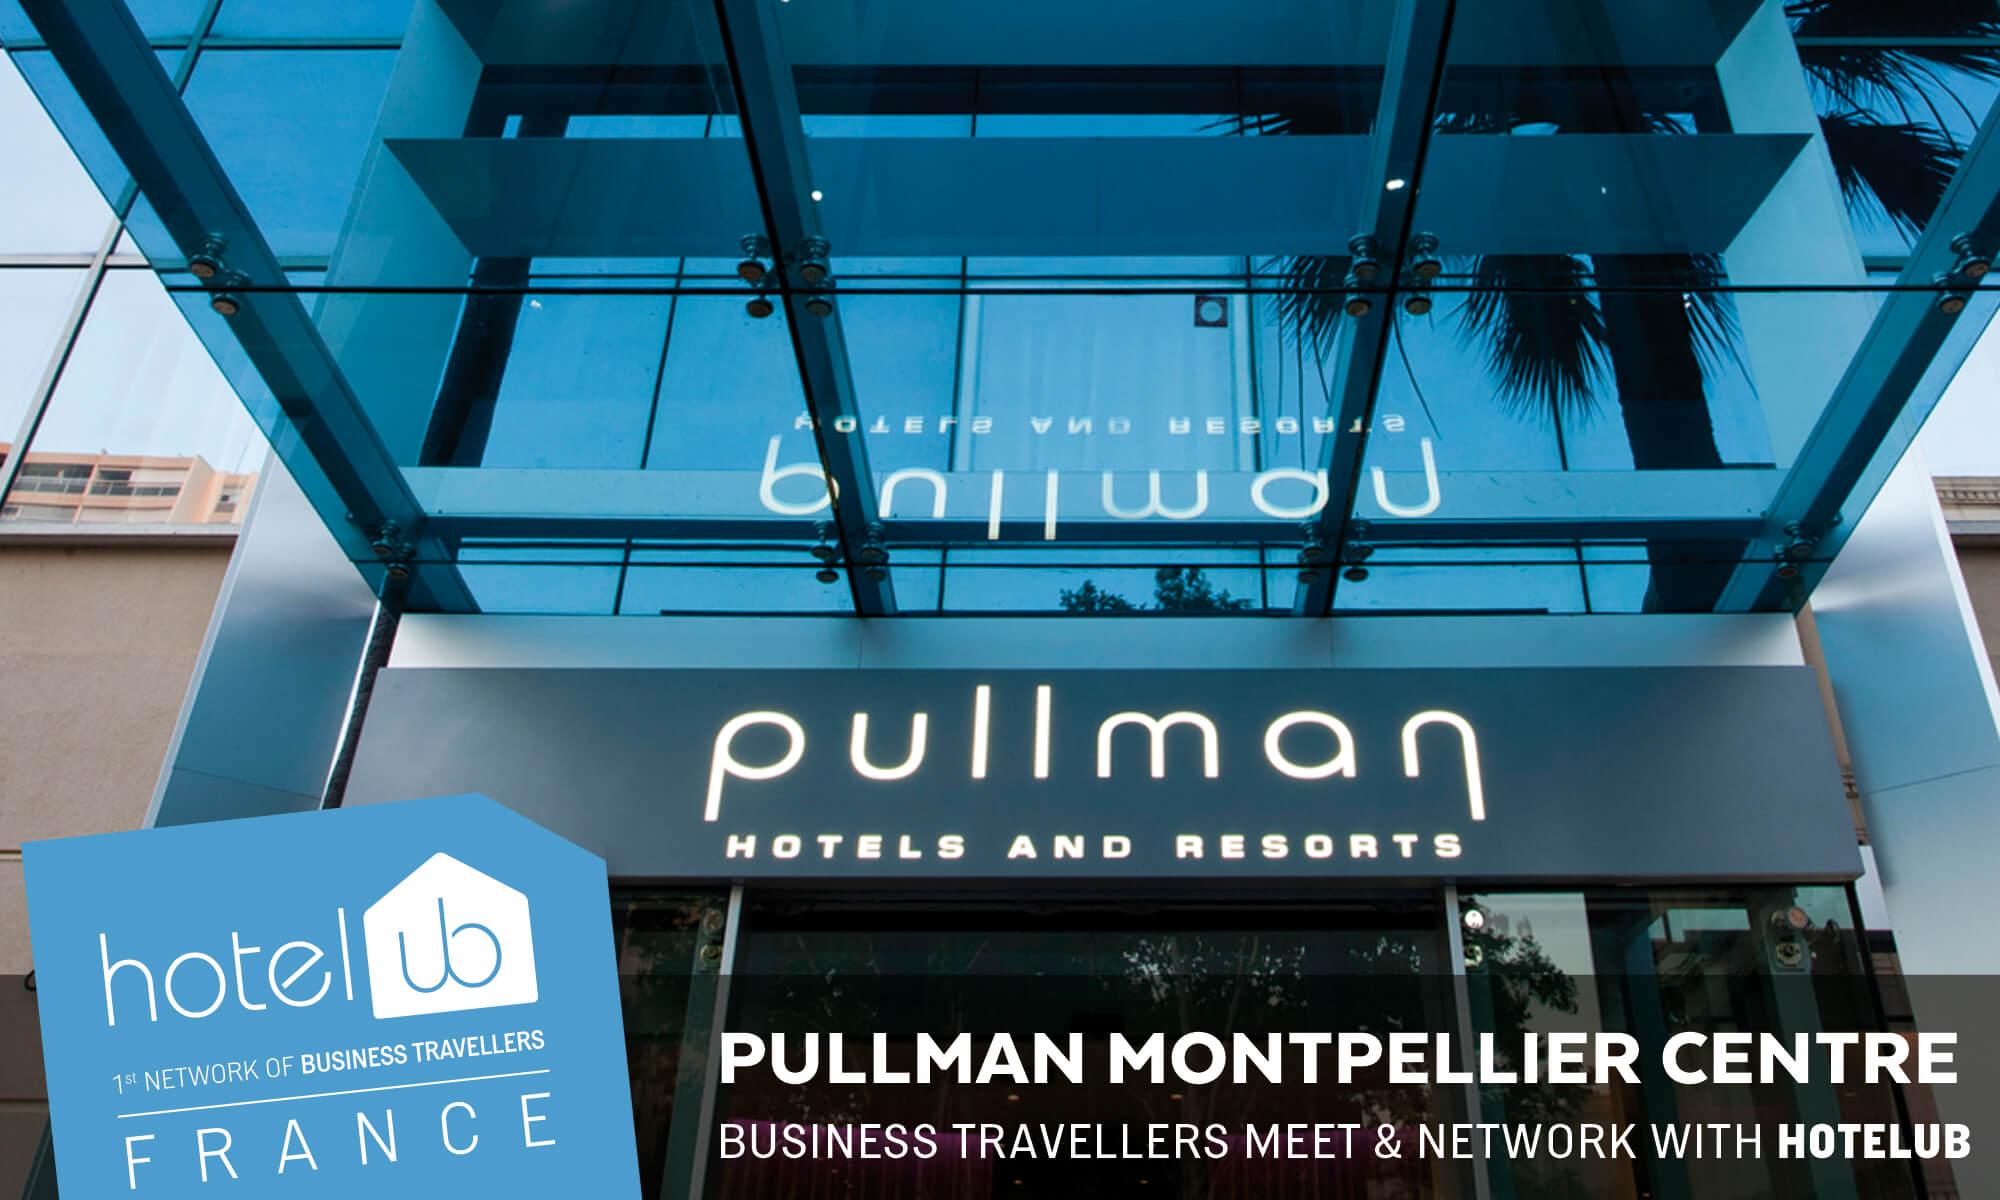 Hotelub Pullman Montpellier Centre